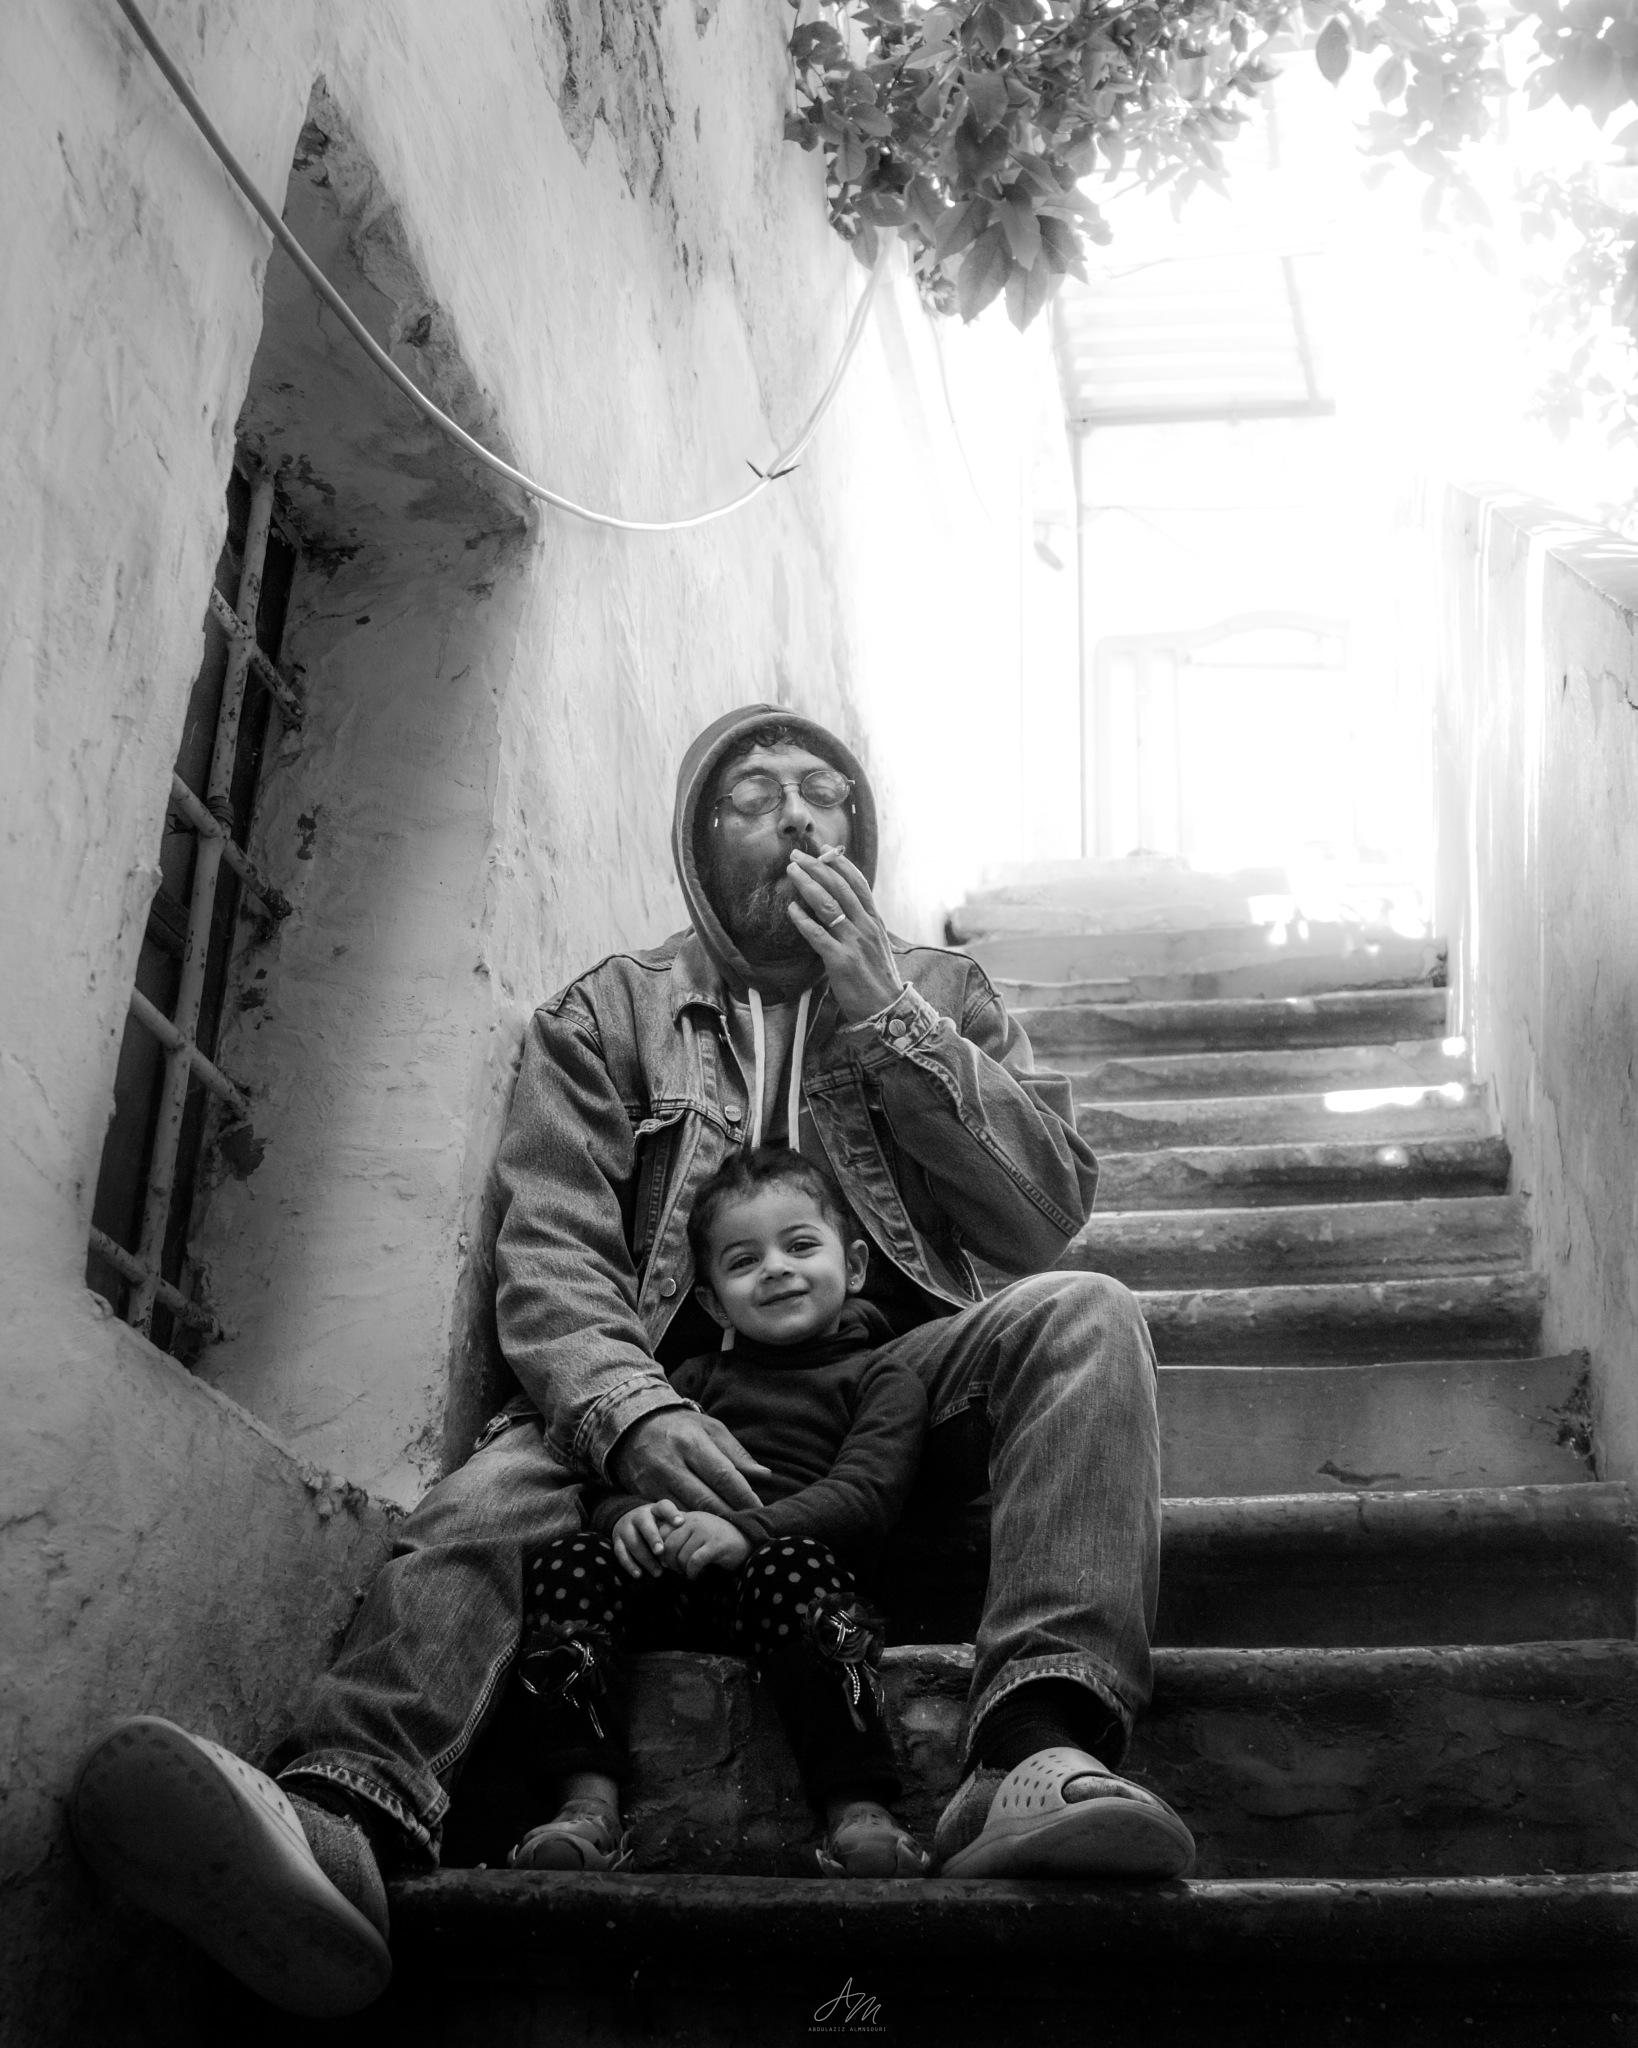 #Portrait #Derna #Libya by Abdulaziz Almnsouri